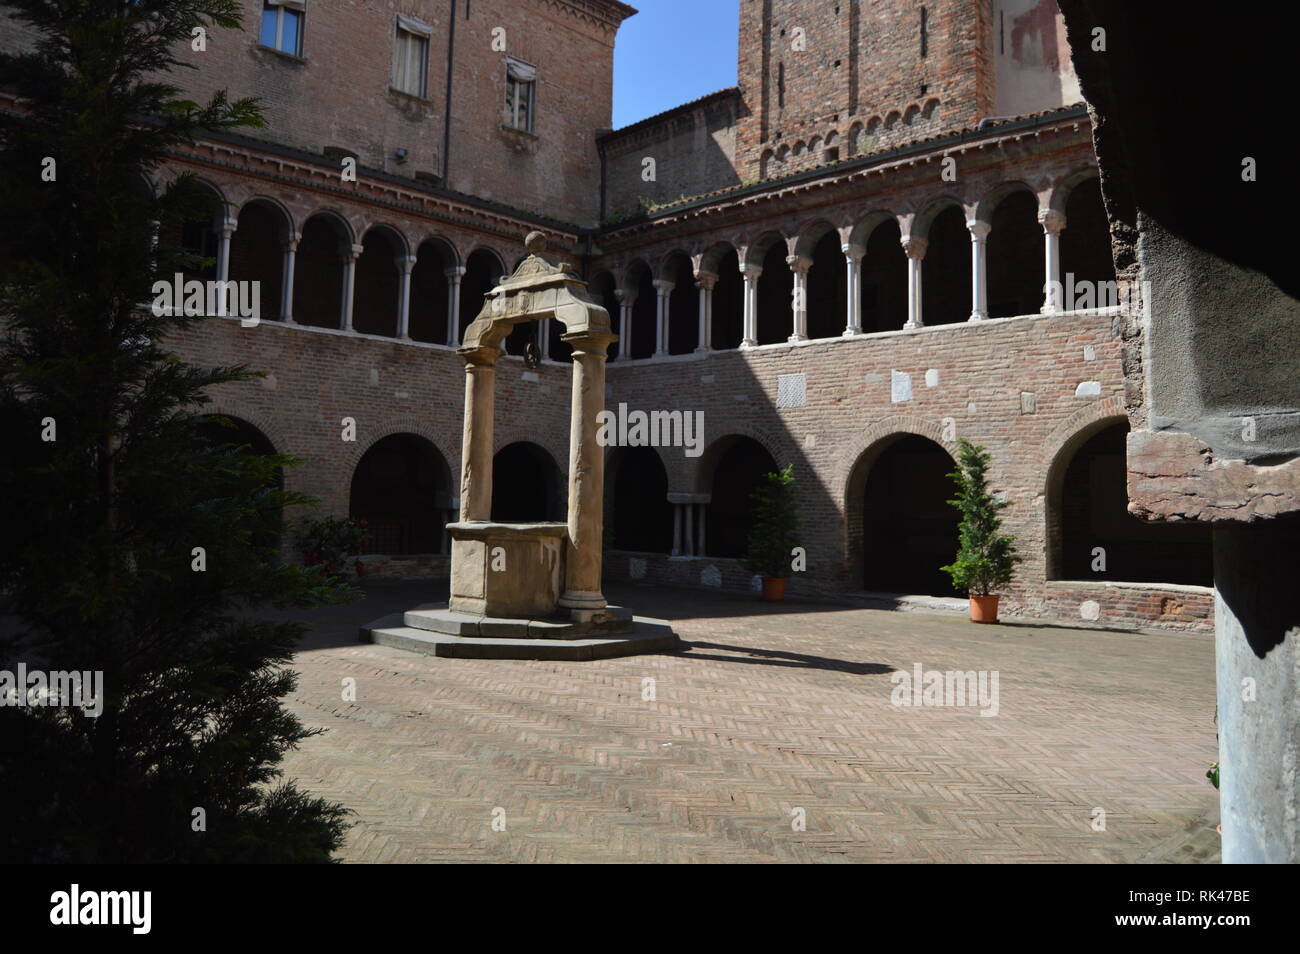 Gut Wasser in einen Innenhof der Basilika de Santo Stefano auf der Via Di Stefano in Bologna. Reisen, Urlaub, Architektur. 31. März 2015. Stockbild